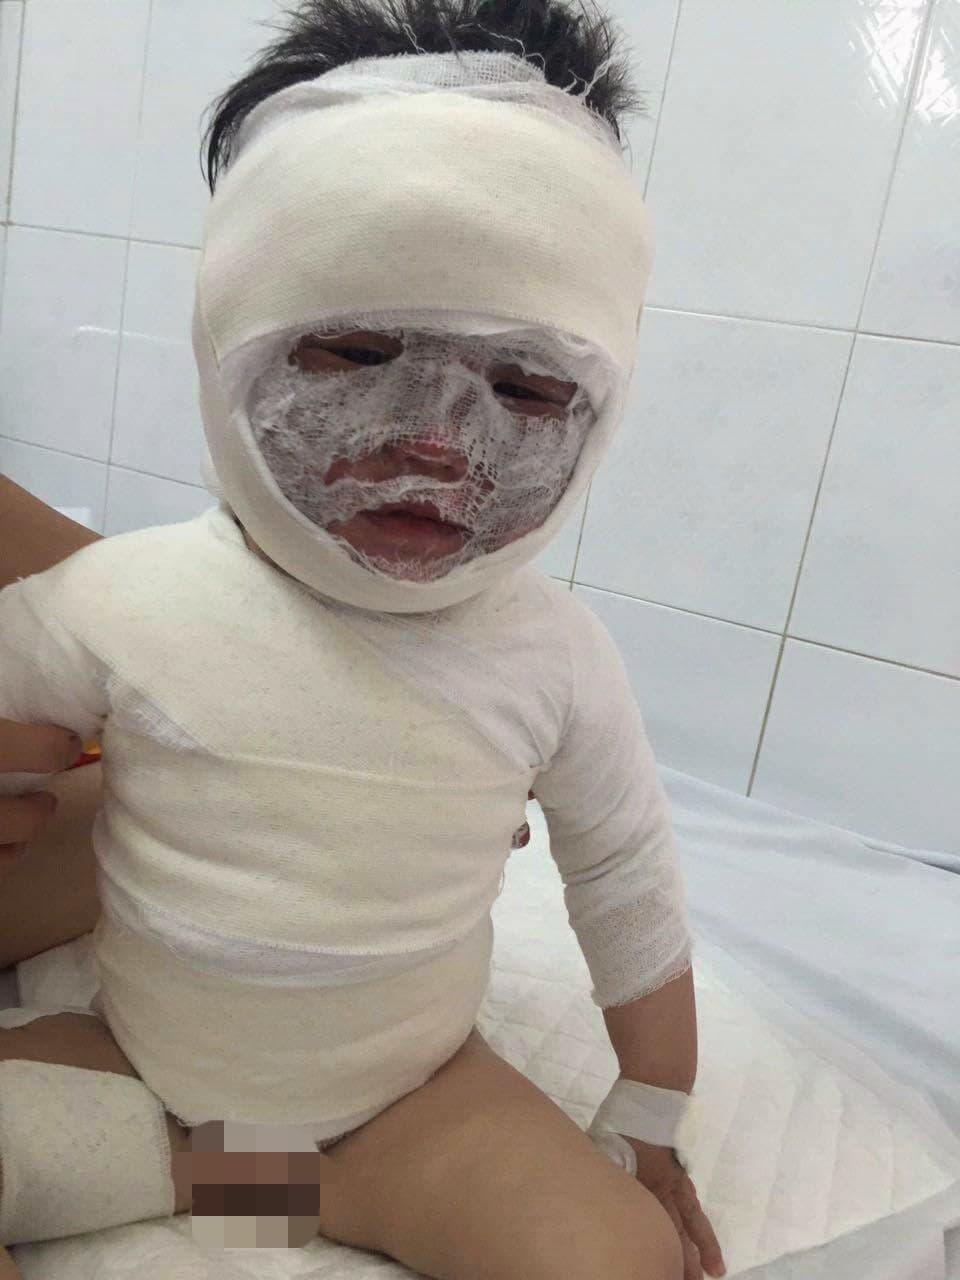 Ở nhà với ông nội, bé gái 2 tuổi bị ca nước sôi đổ vào người gây bỏng nặng - Ảnh 1